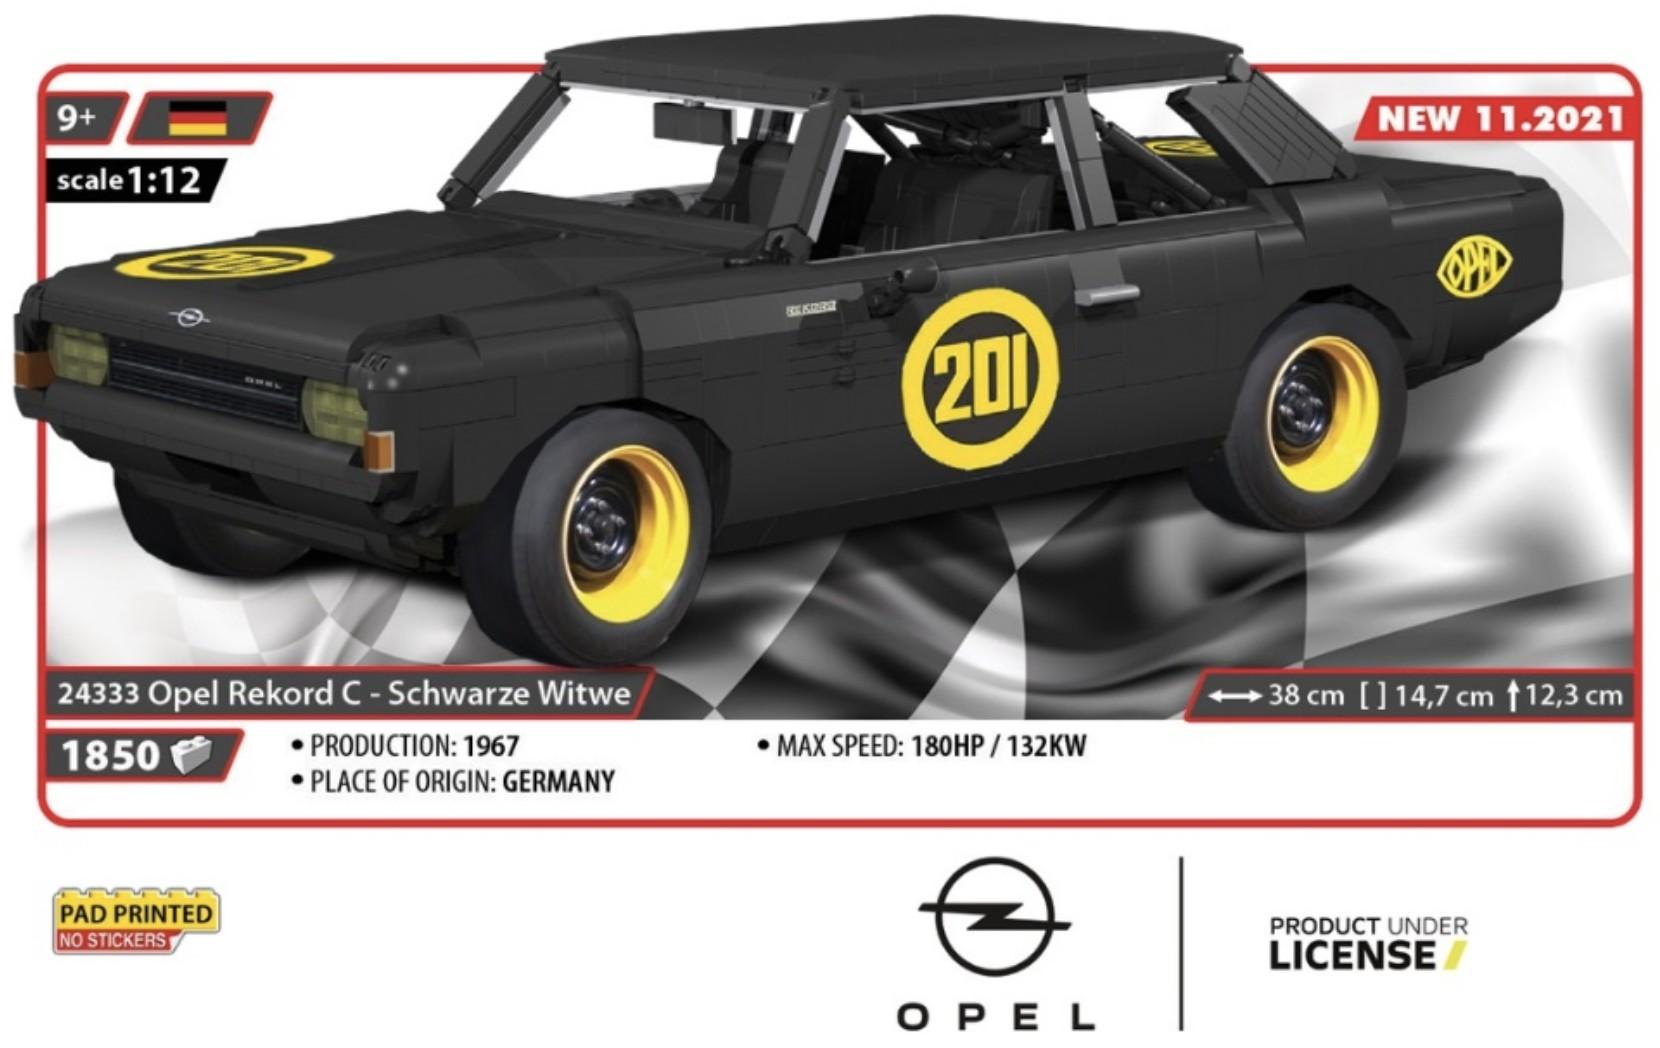 24333 - Opel Rekord C - Schwarze Witwe